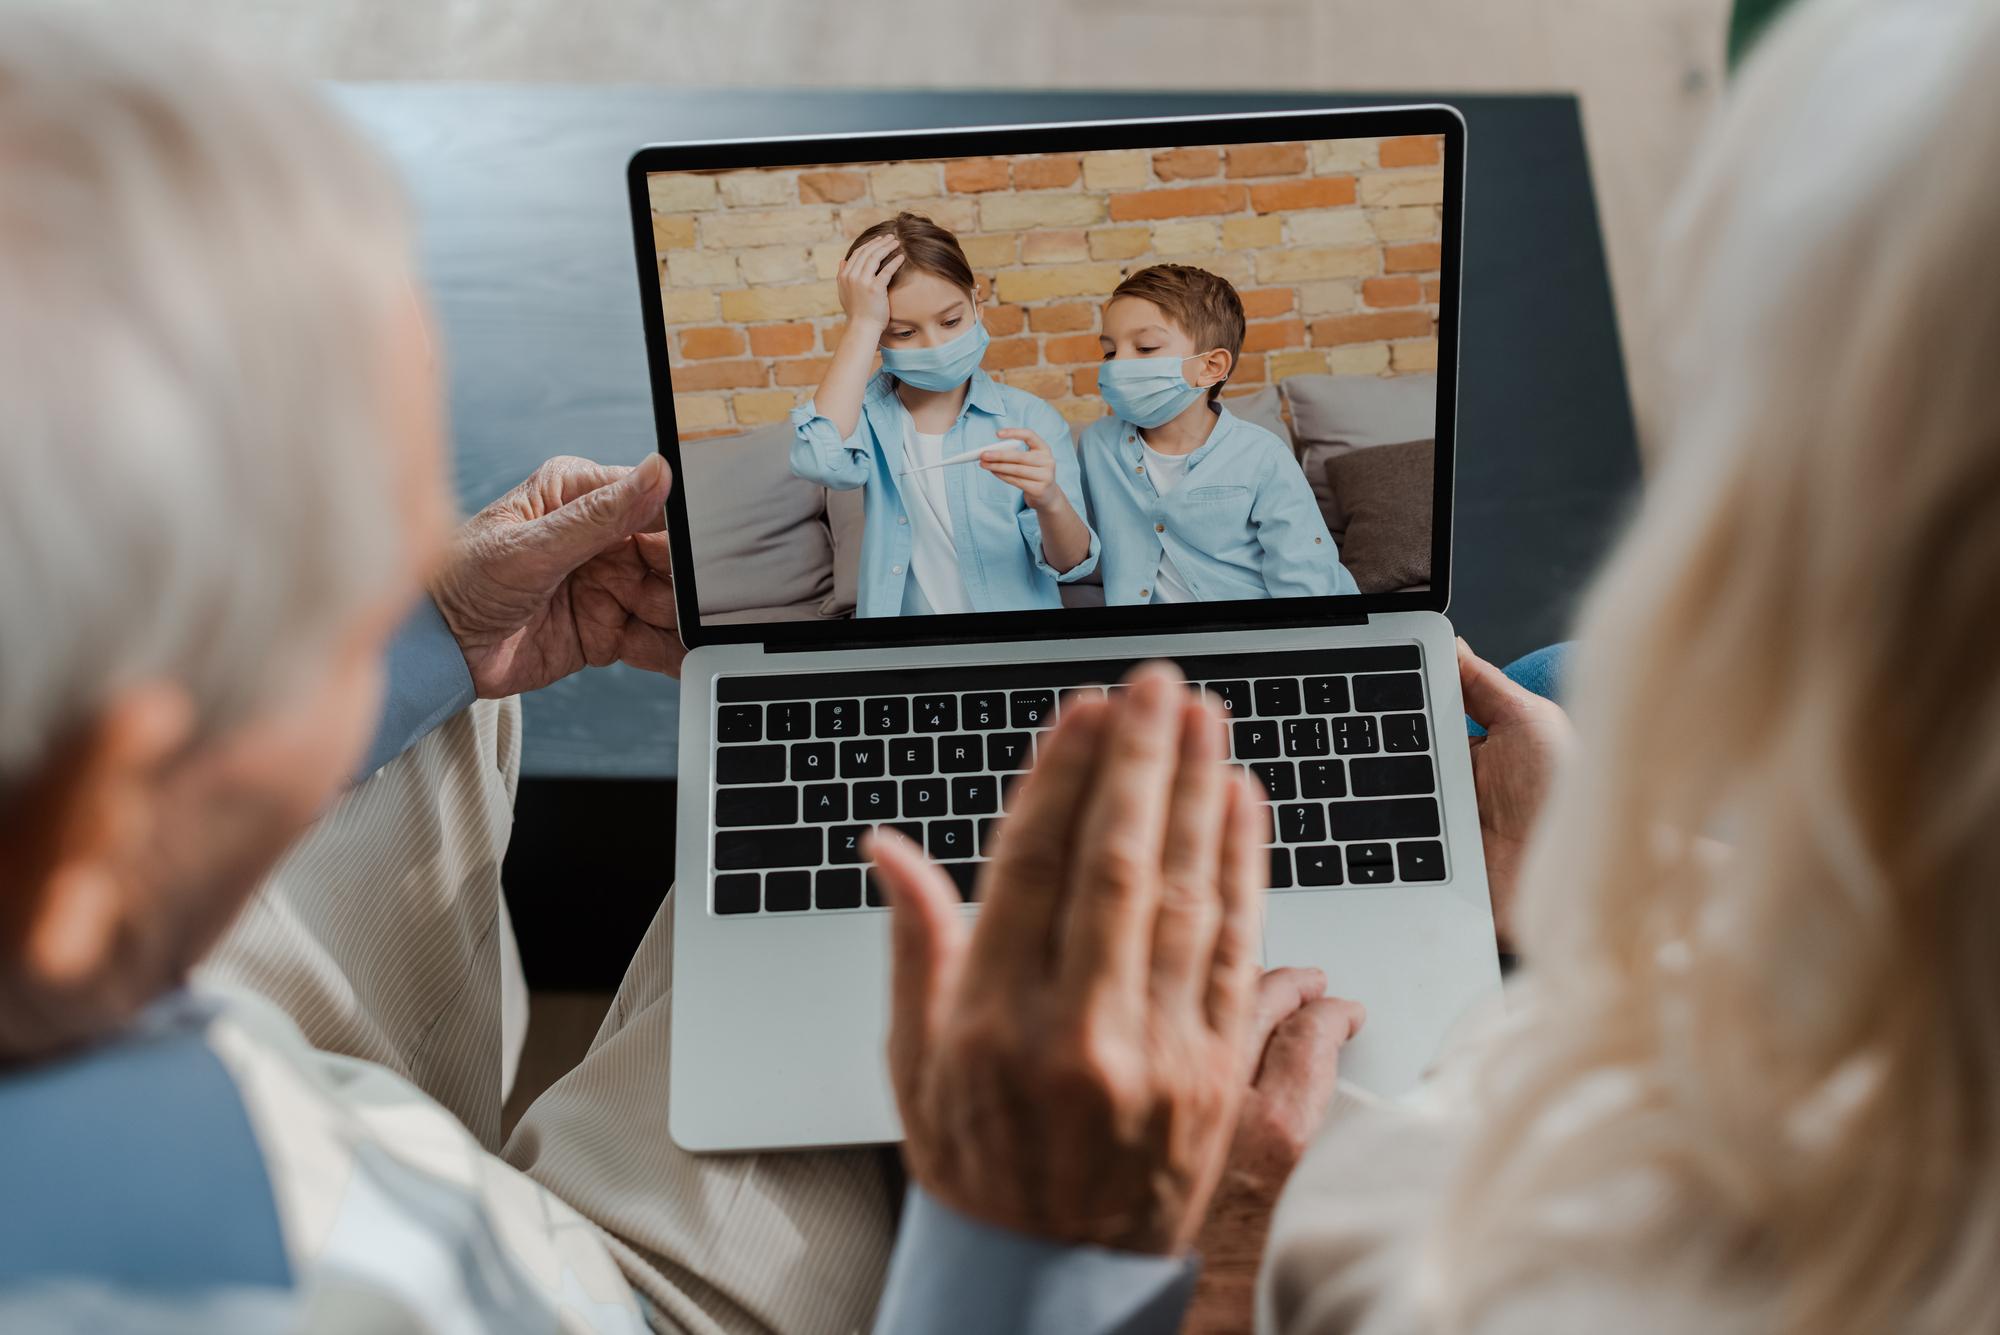 Contato entre avós e netos durante a pandemia